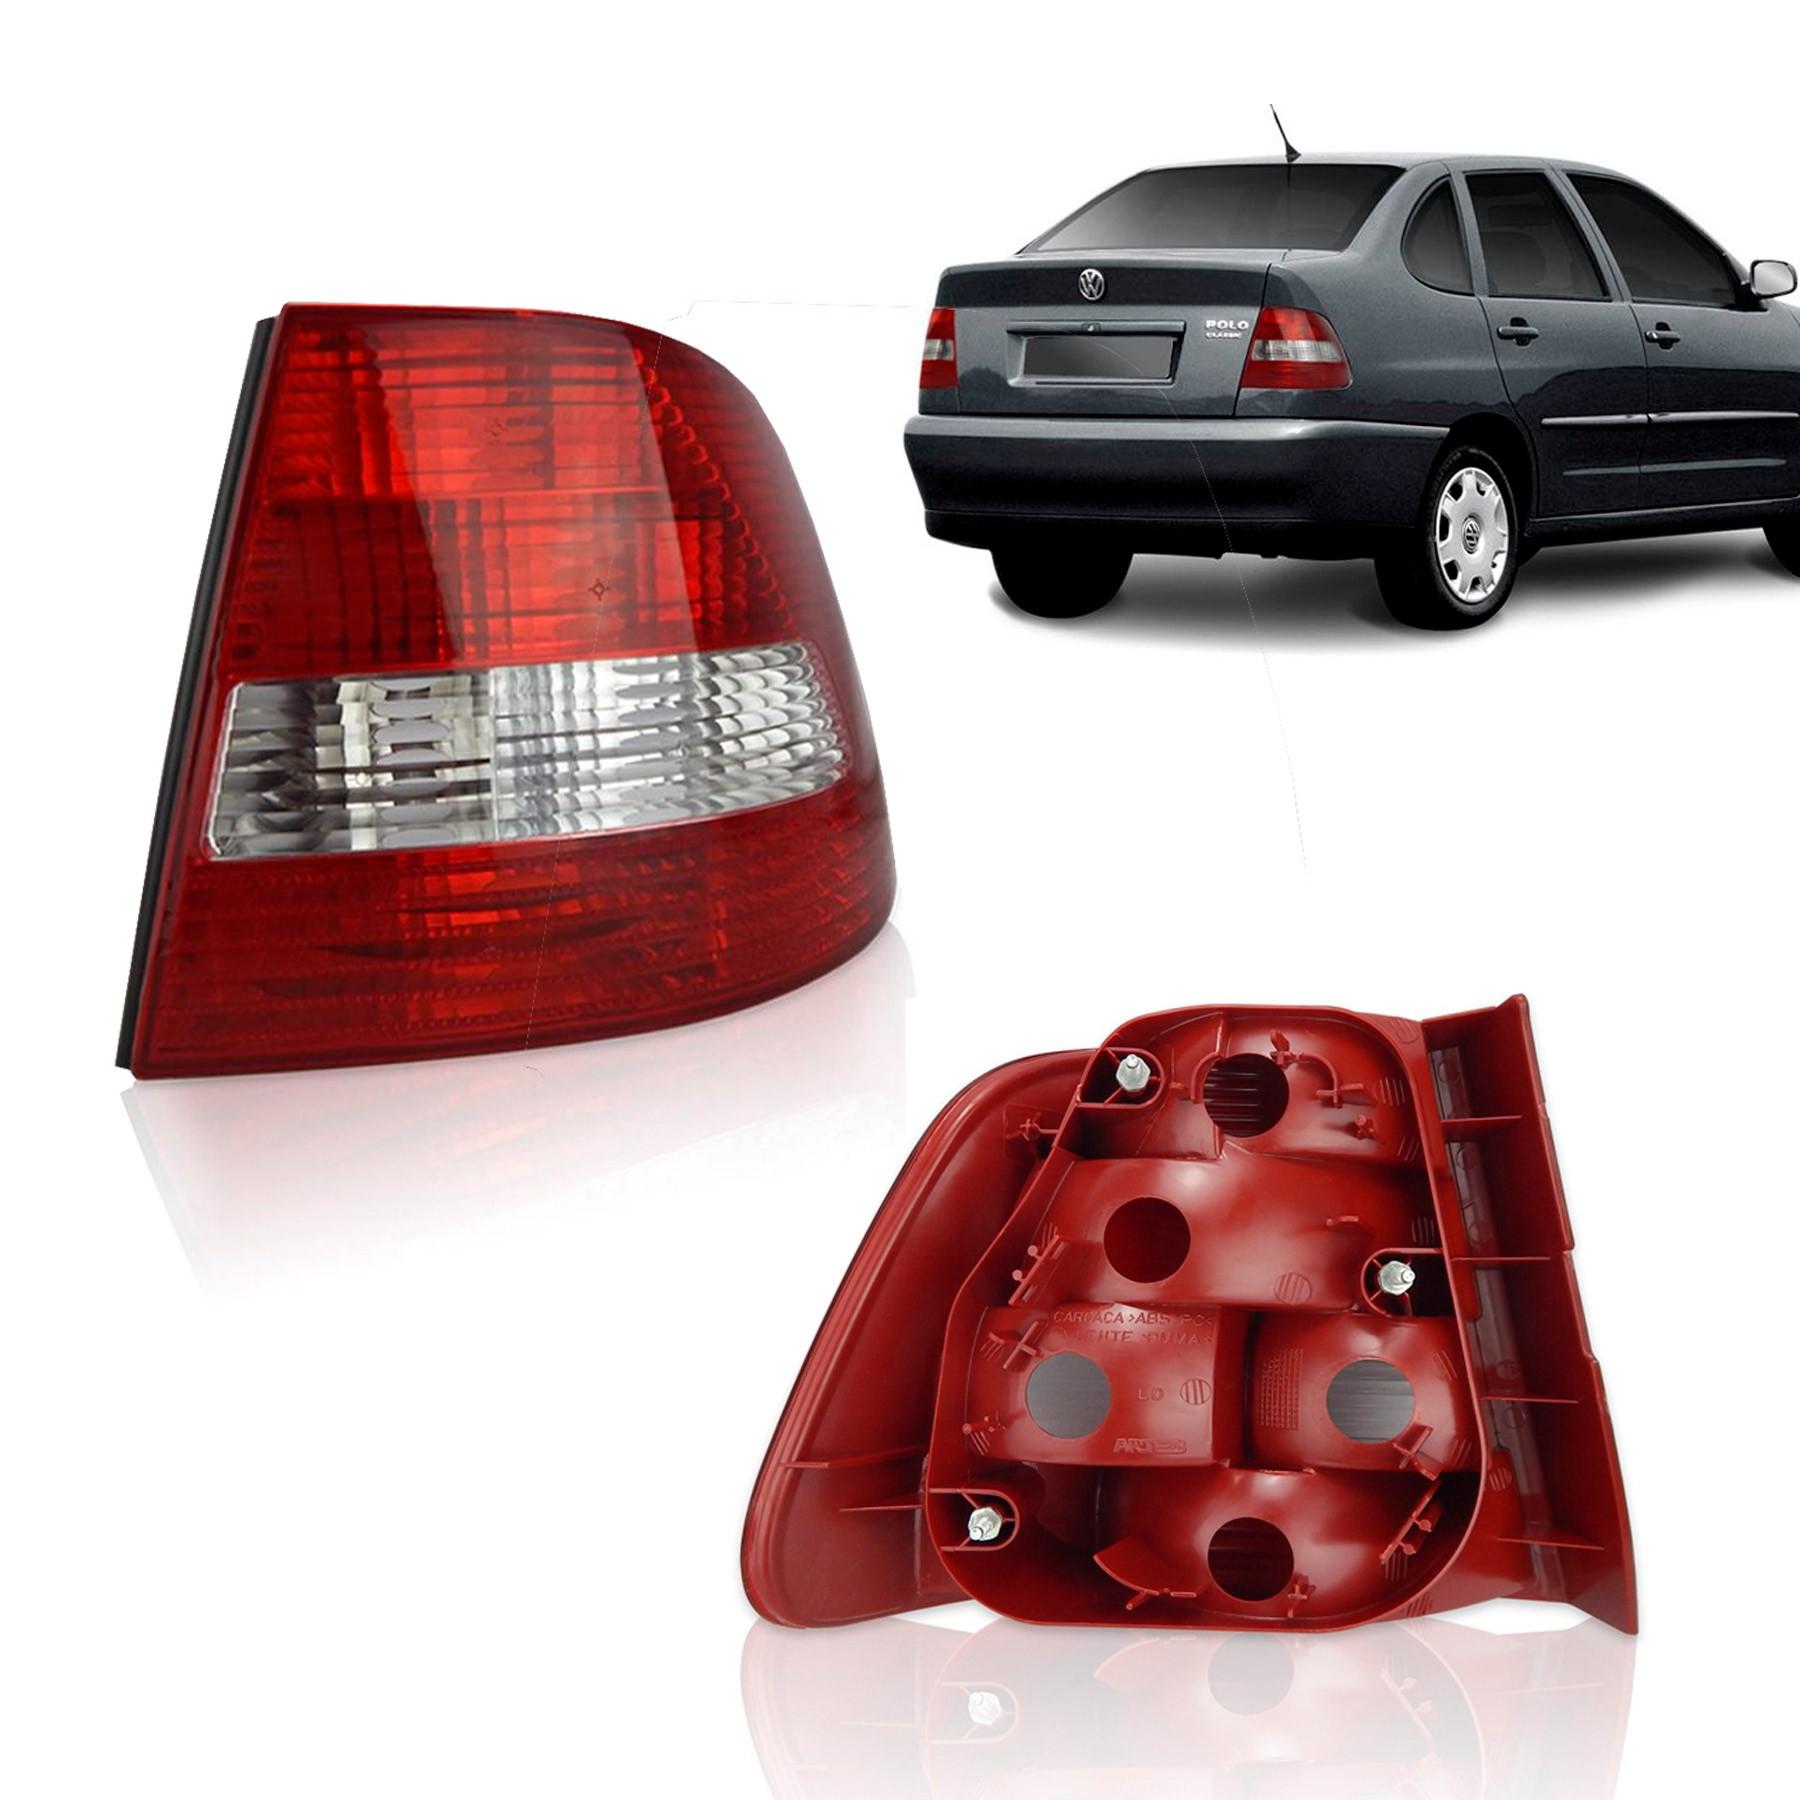 Lanterna Traseira Direita Polo Classic Sedan Arteb 2001 a 2002